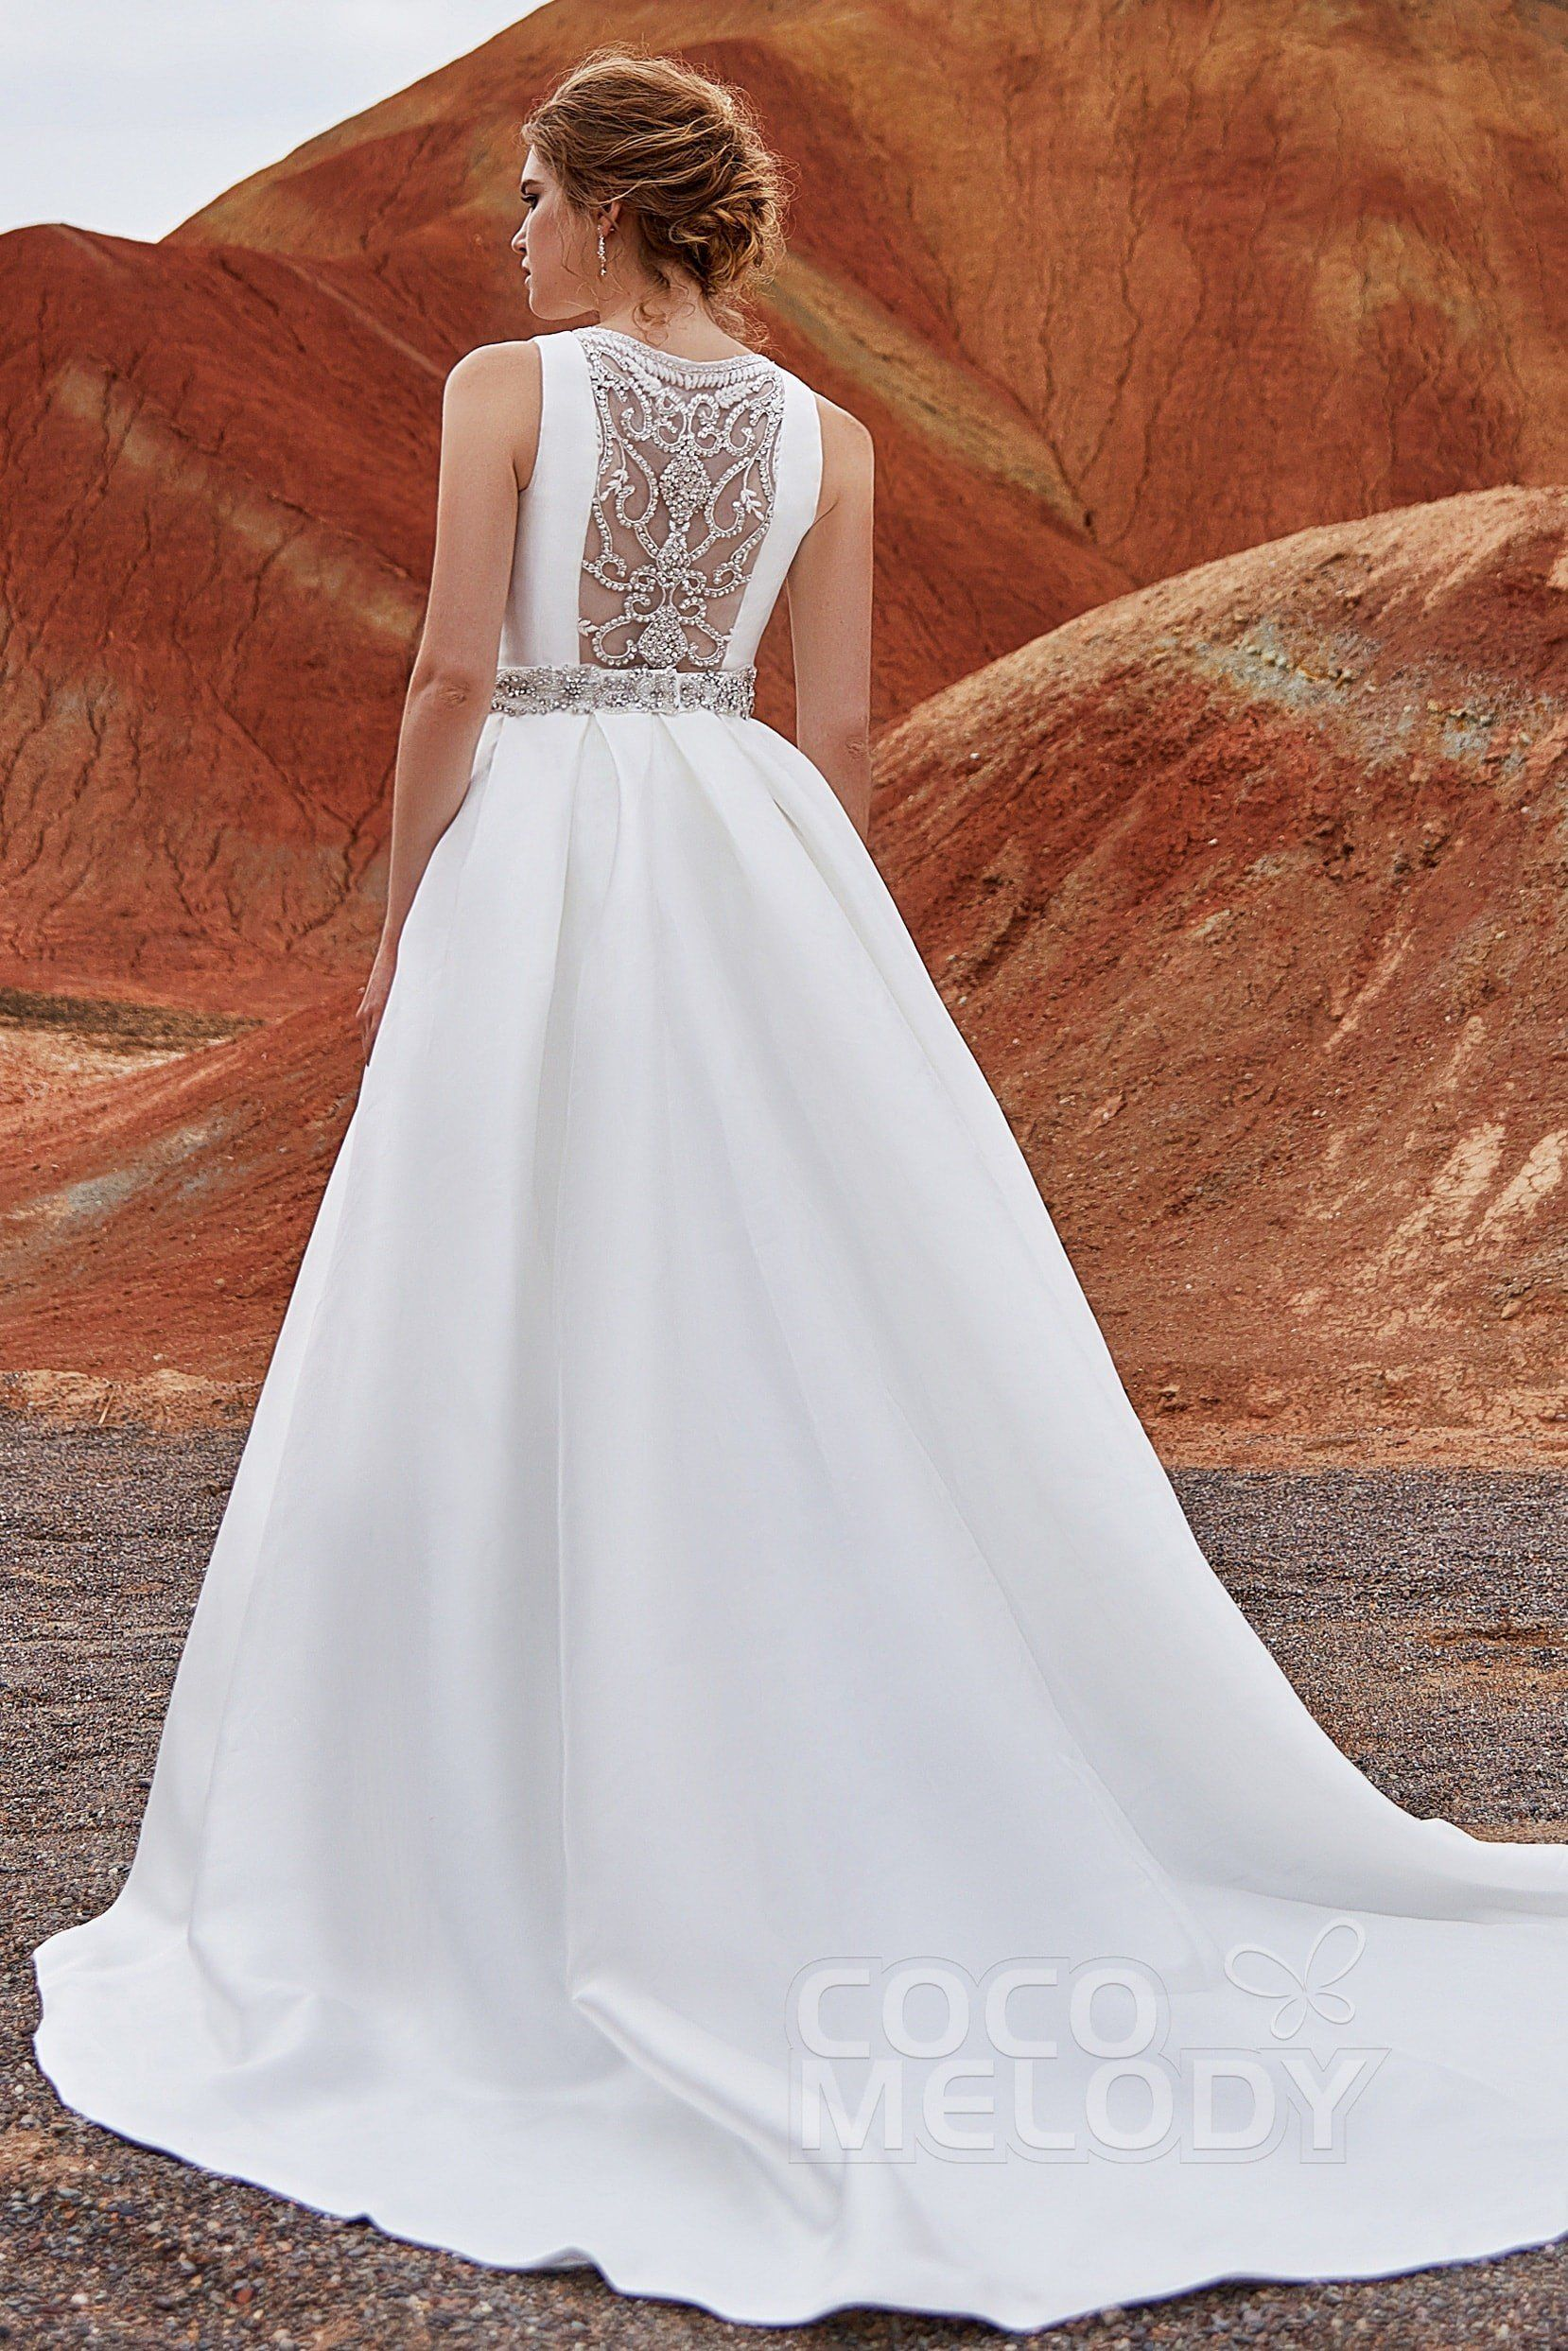 Usd 699 A Linetrain Satin Side Zipper Wedding Dress Ld3845 Wedding Gown Guide Wedding Dresses Unconventional Wedding Dress [ 2486 x 1658 Pixel ]